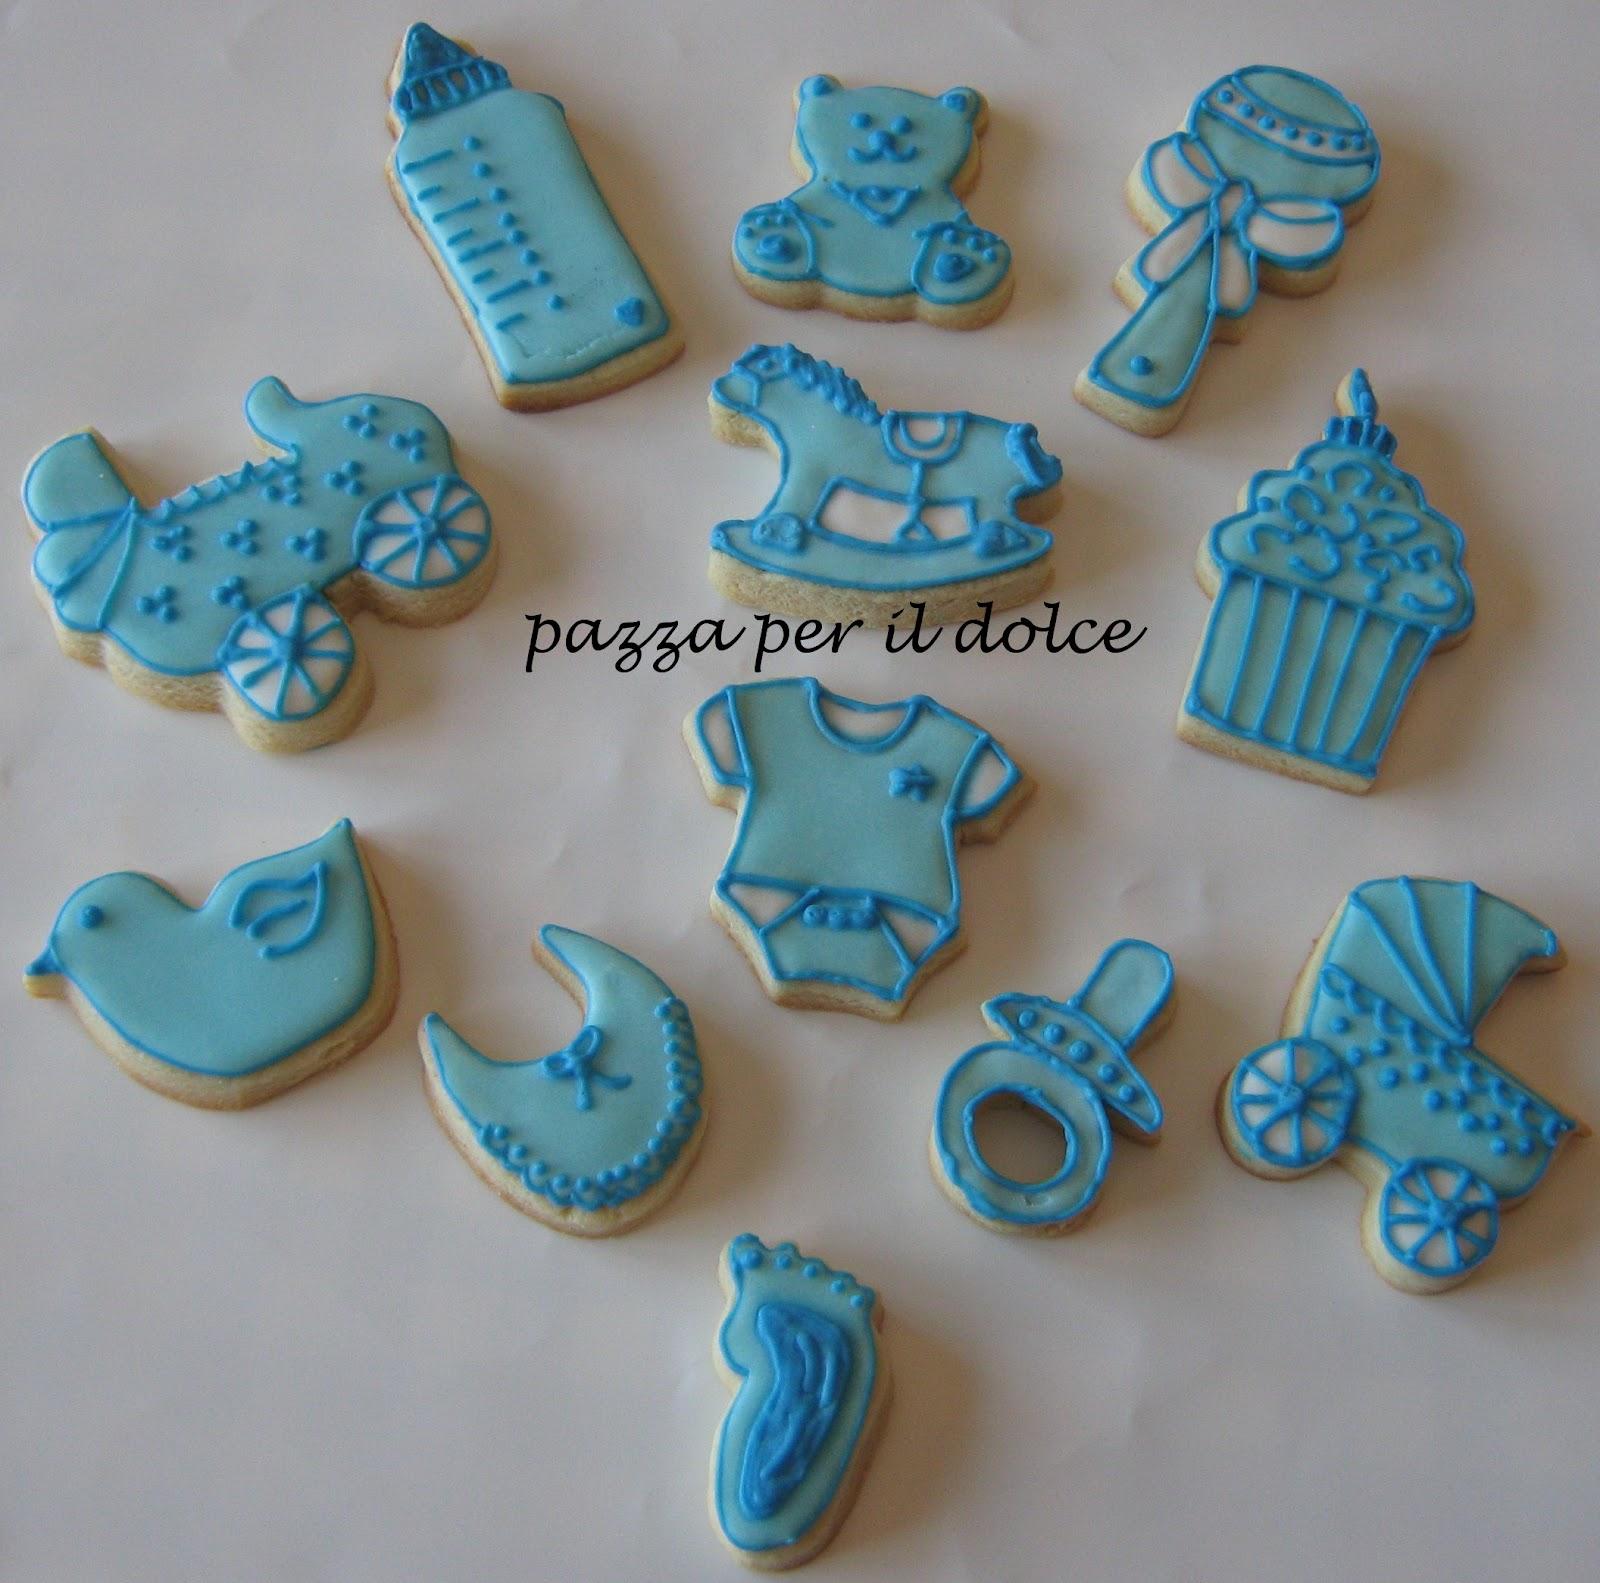 Pazza per il dolce biscotti decorati segnaposto per - Decorazioni battesimo bimbo ...